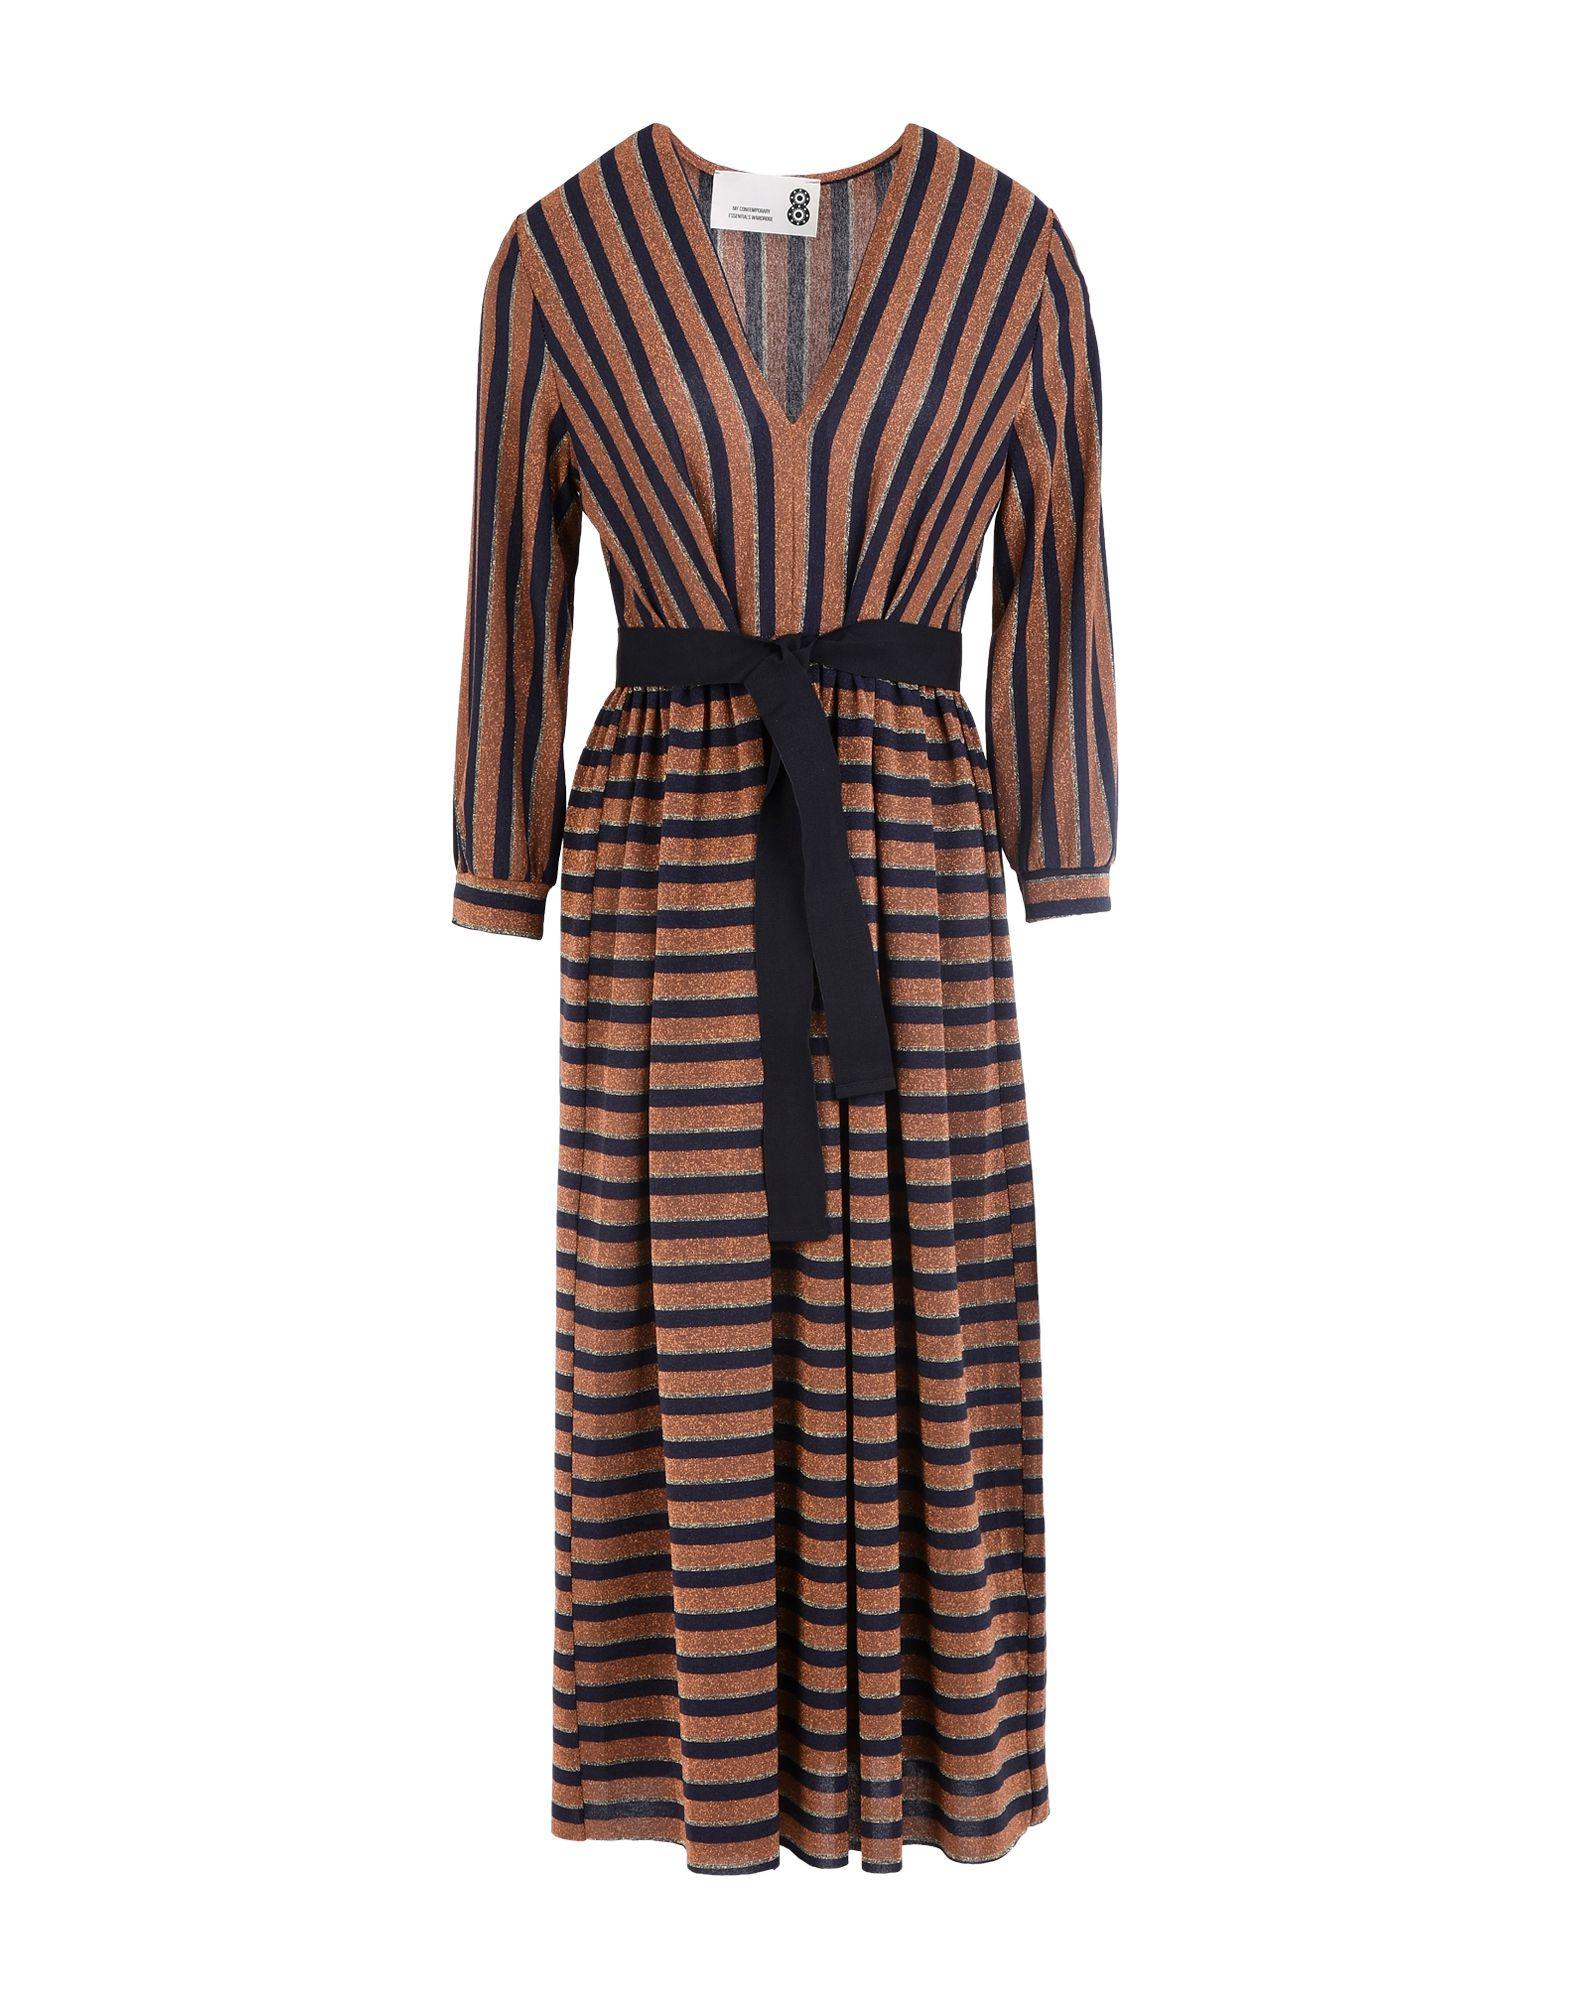 8 Платье длиной 3/4 hundreddresses платье длиной 3 4